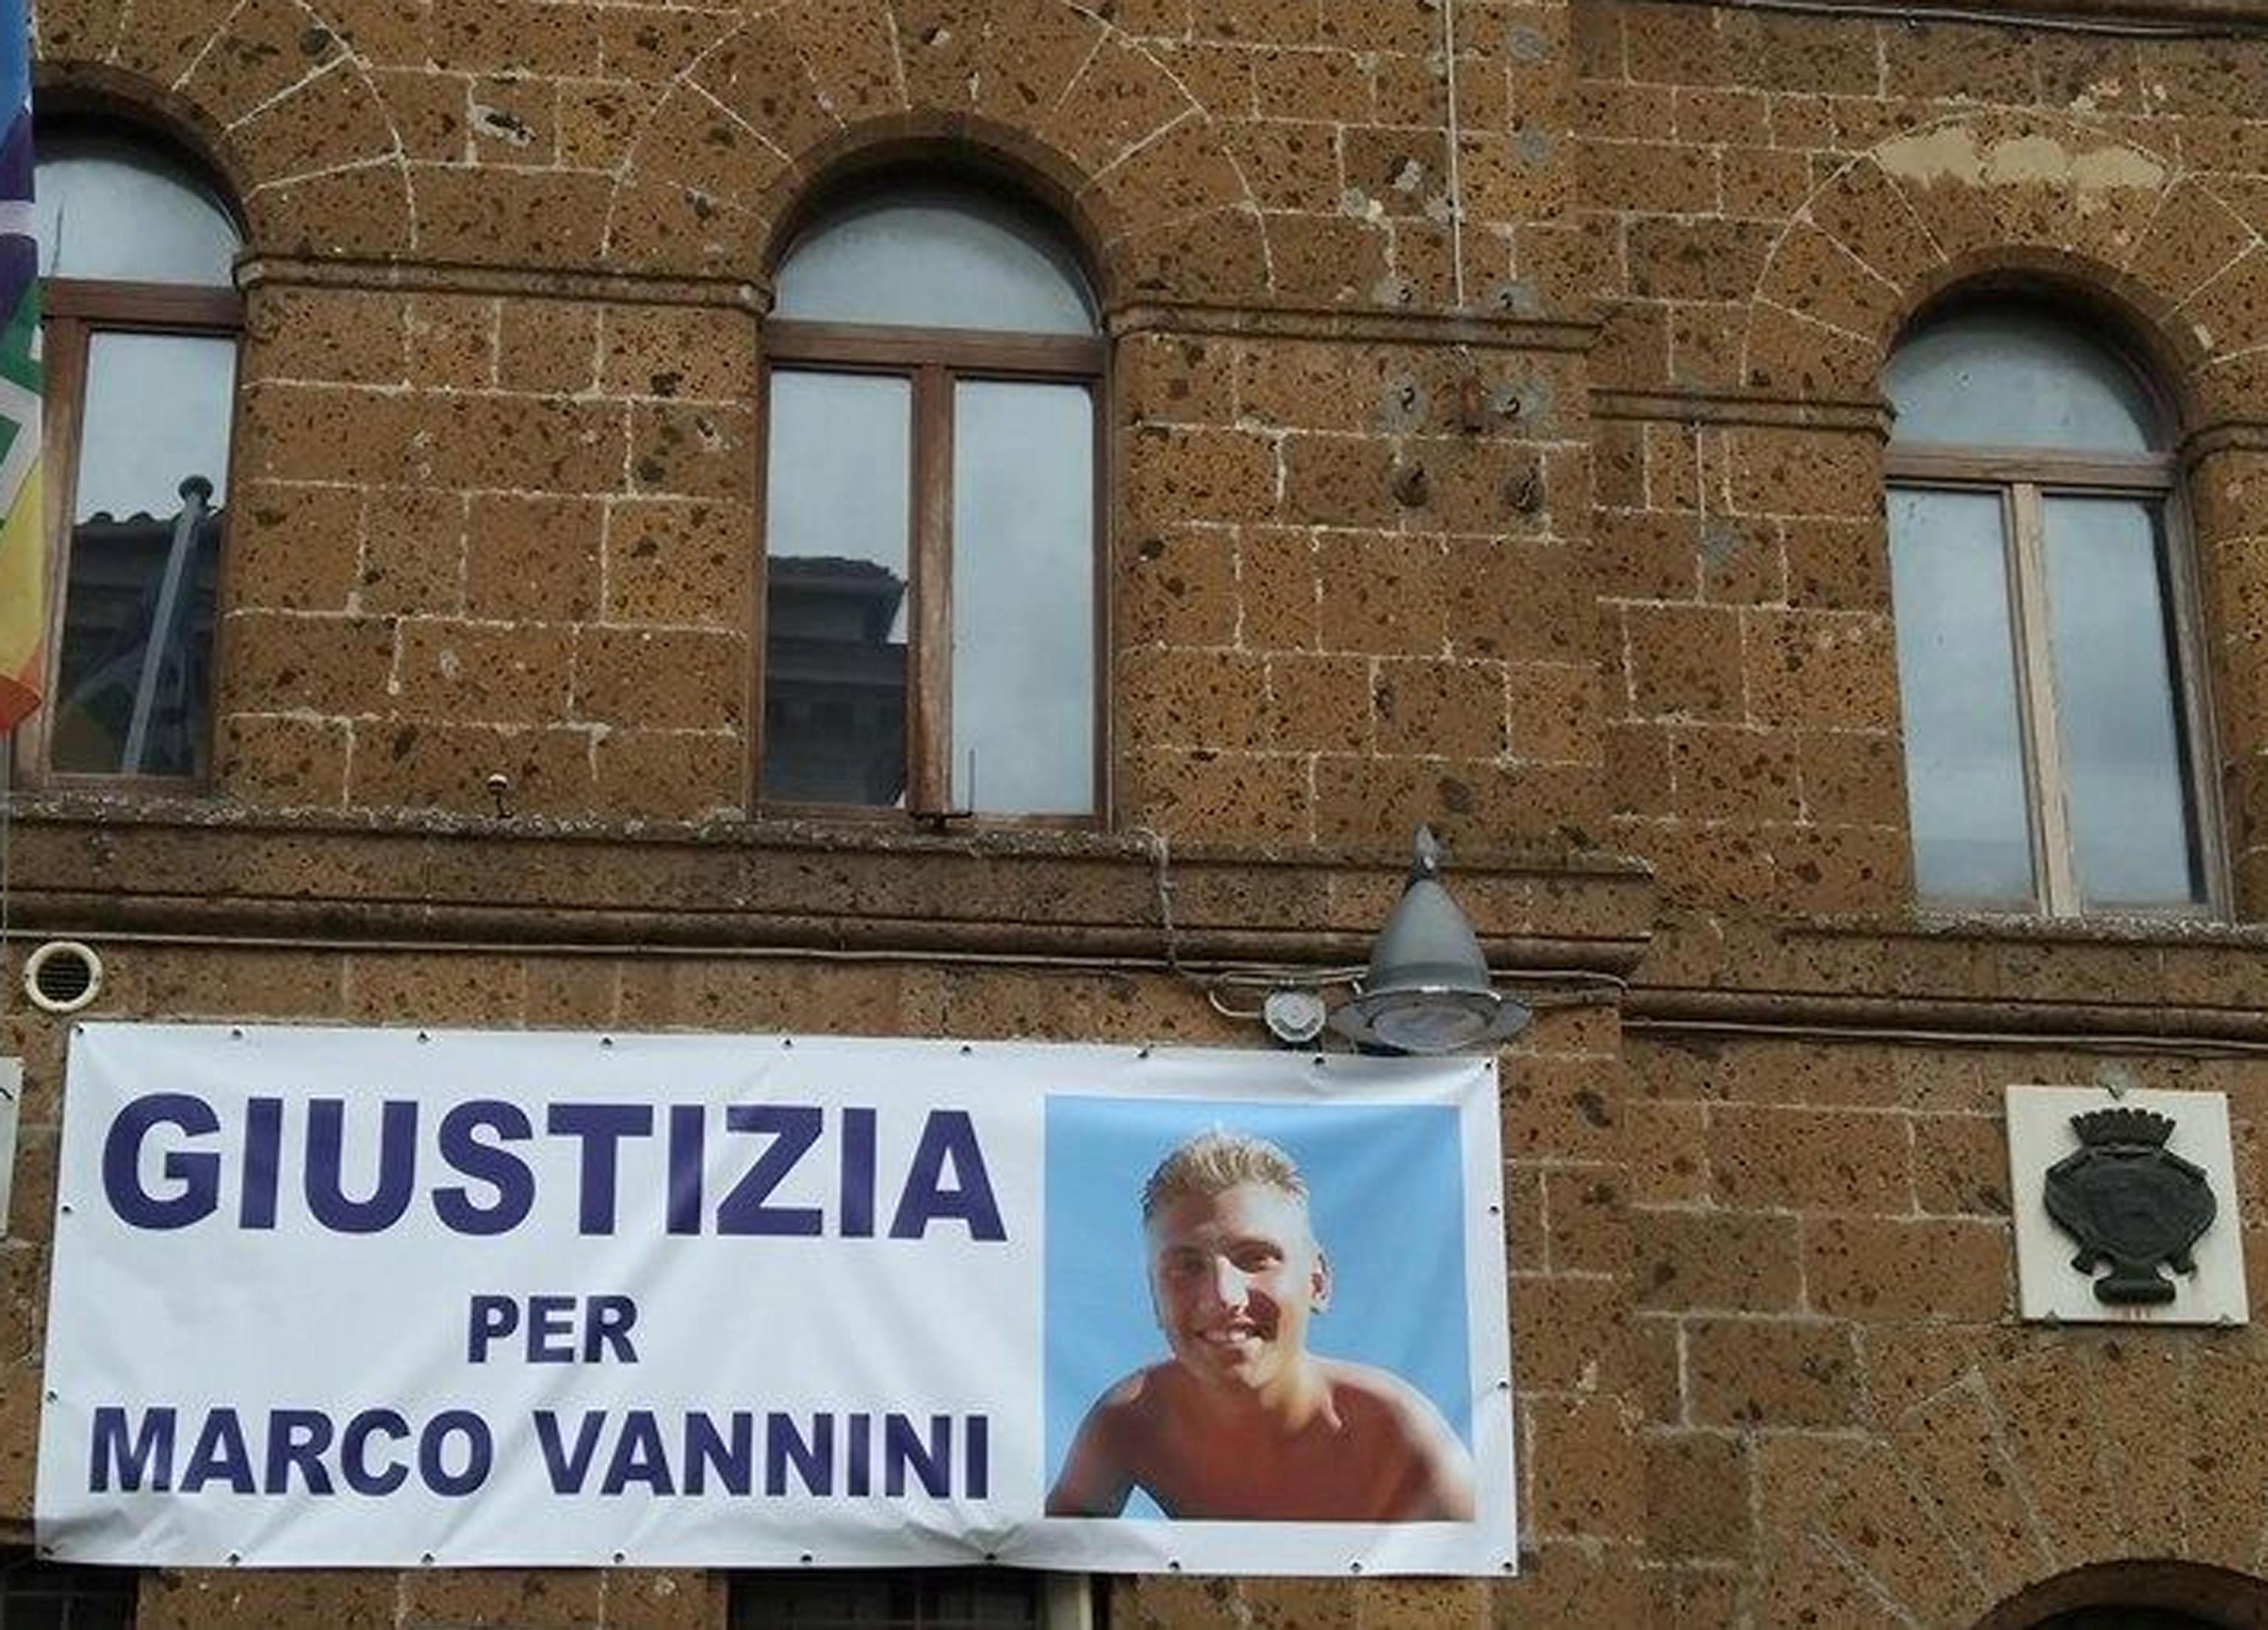 Omicidio Vannini: Ciontoli condannato a 14 anni per omicidio volontario